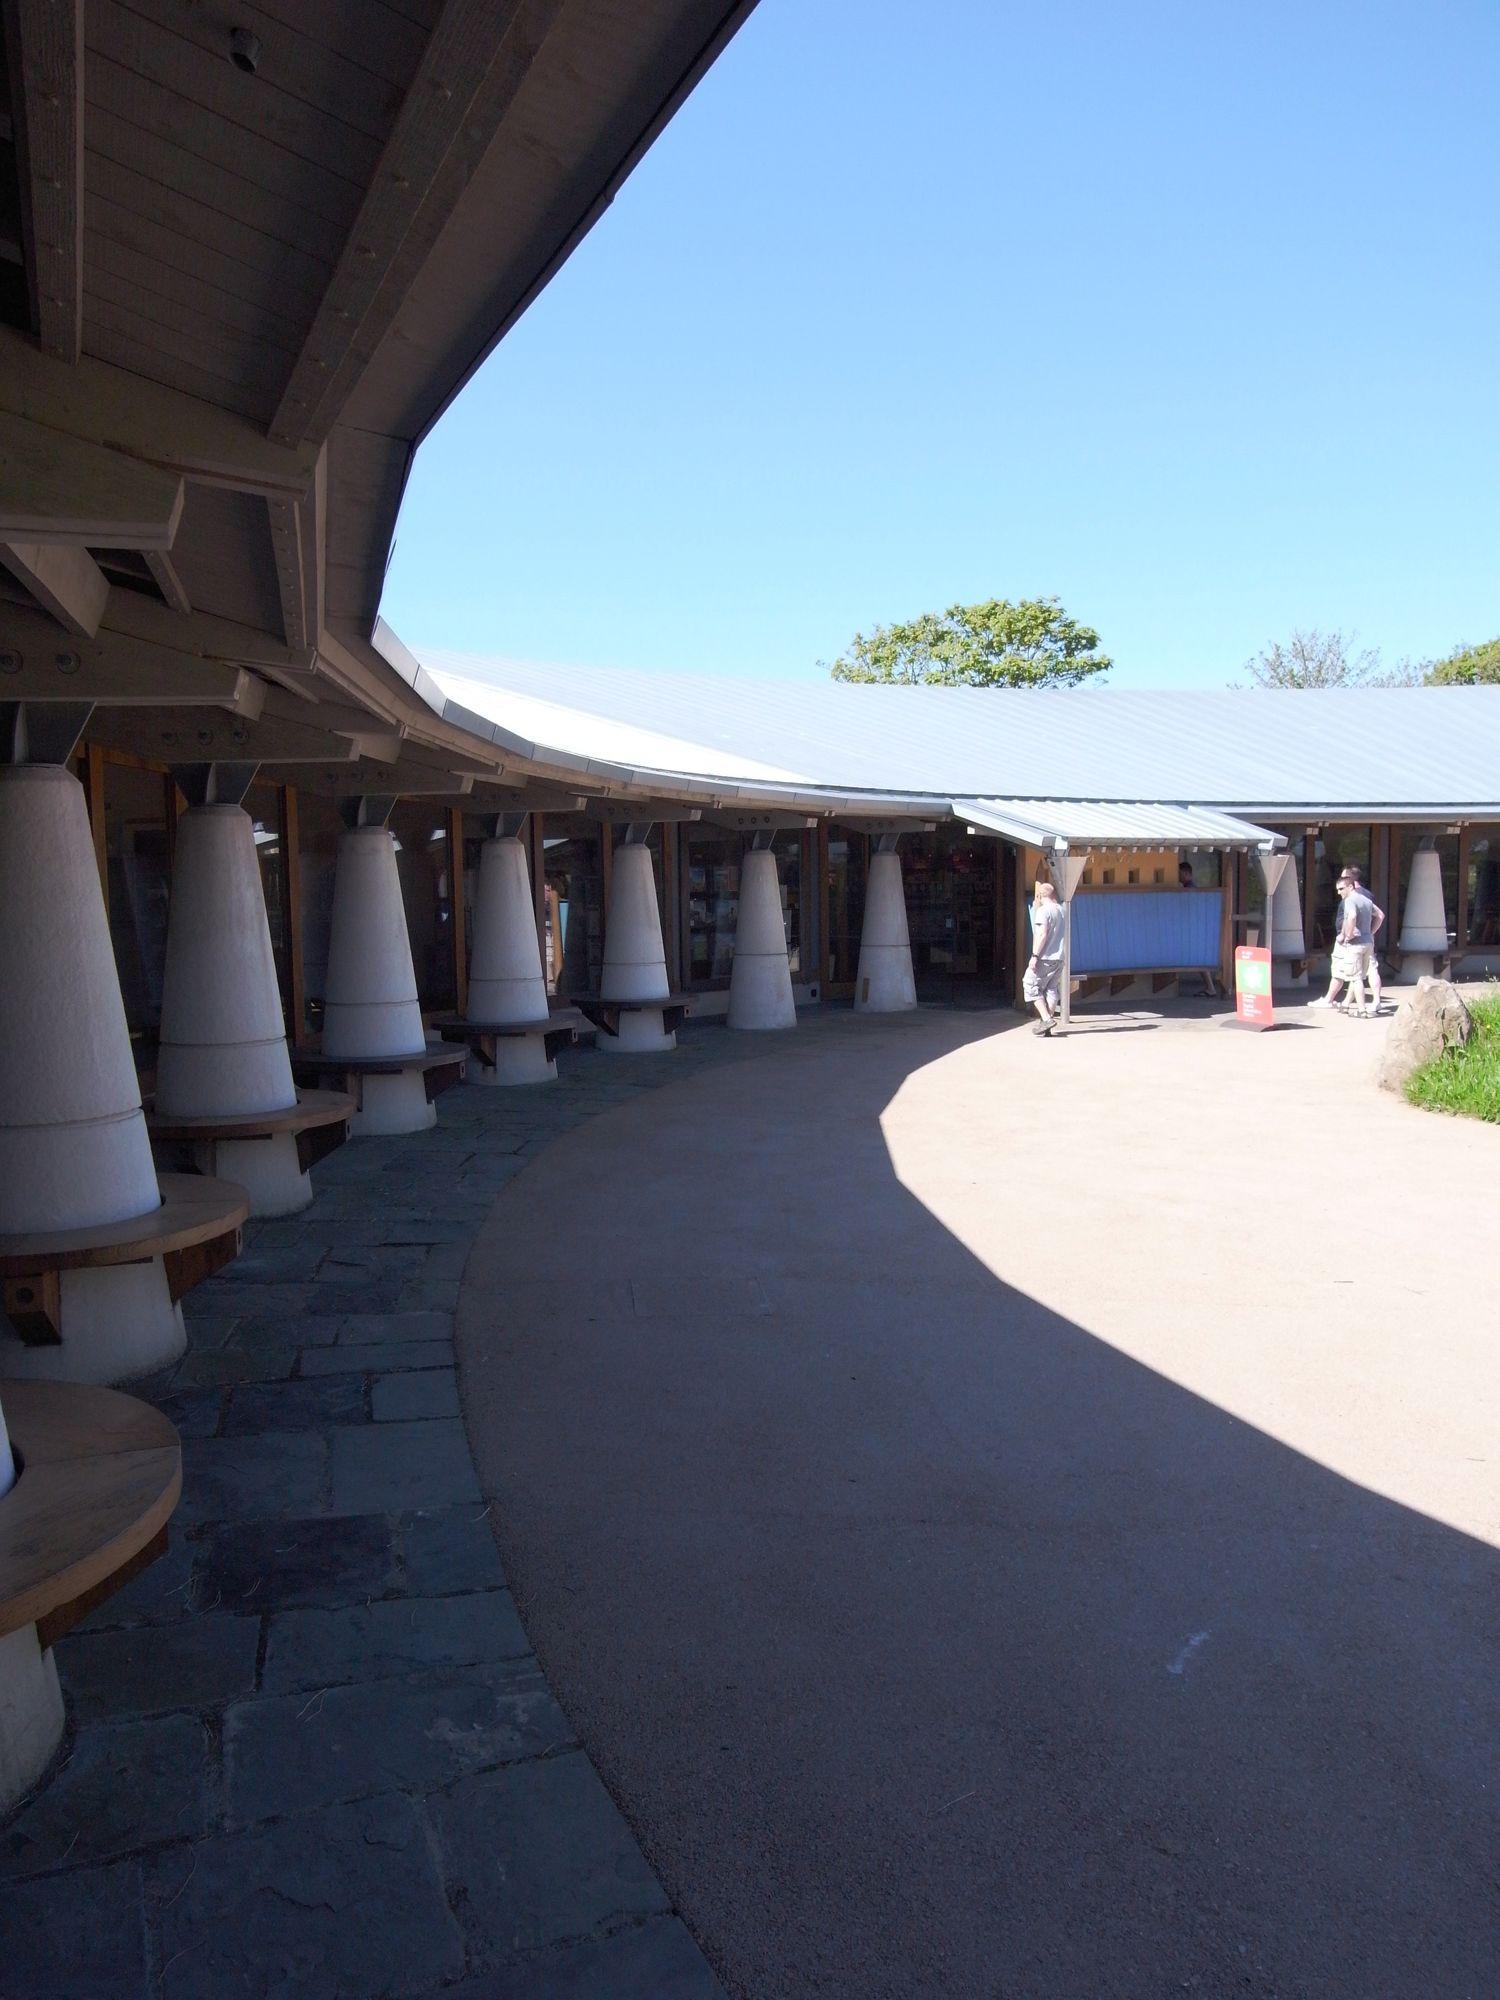 Oriel y Parc Gallery